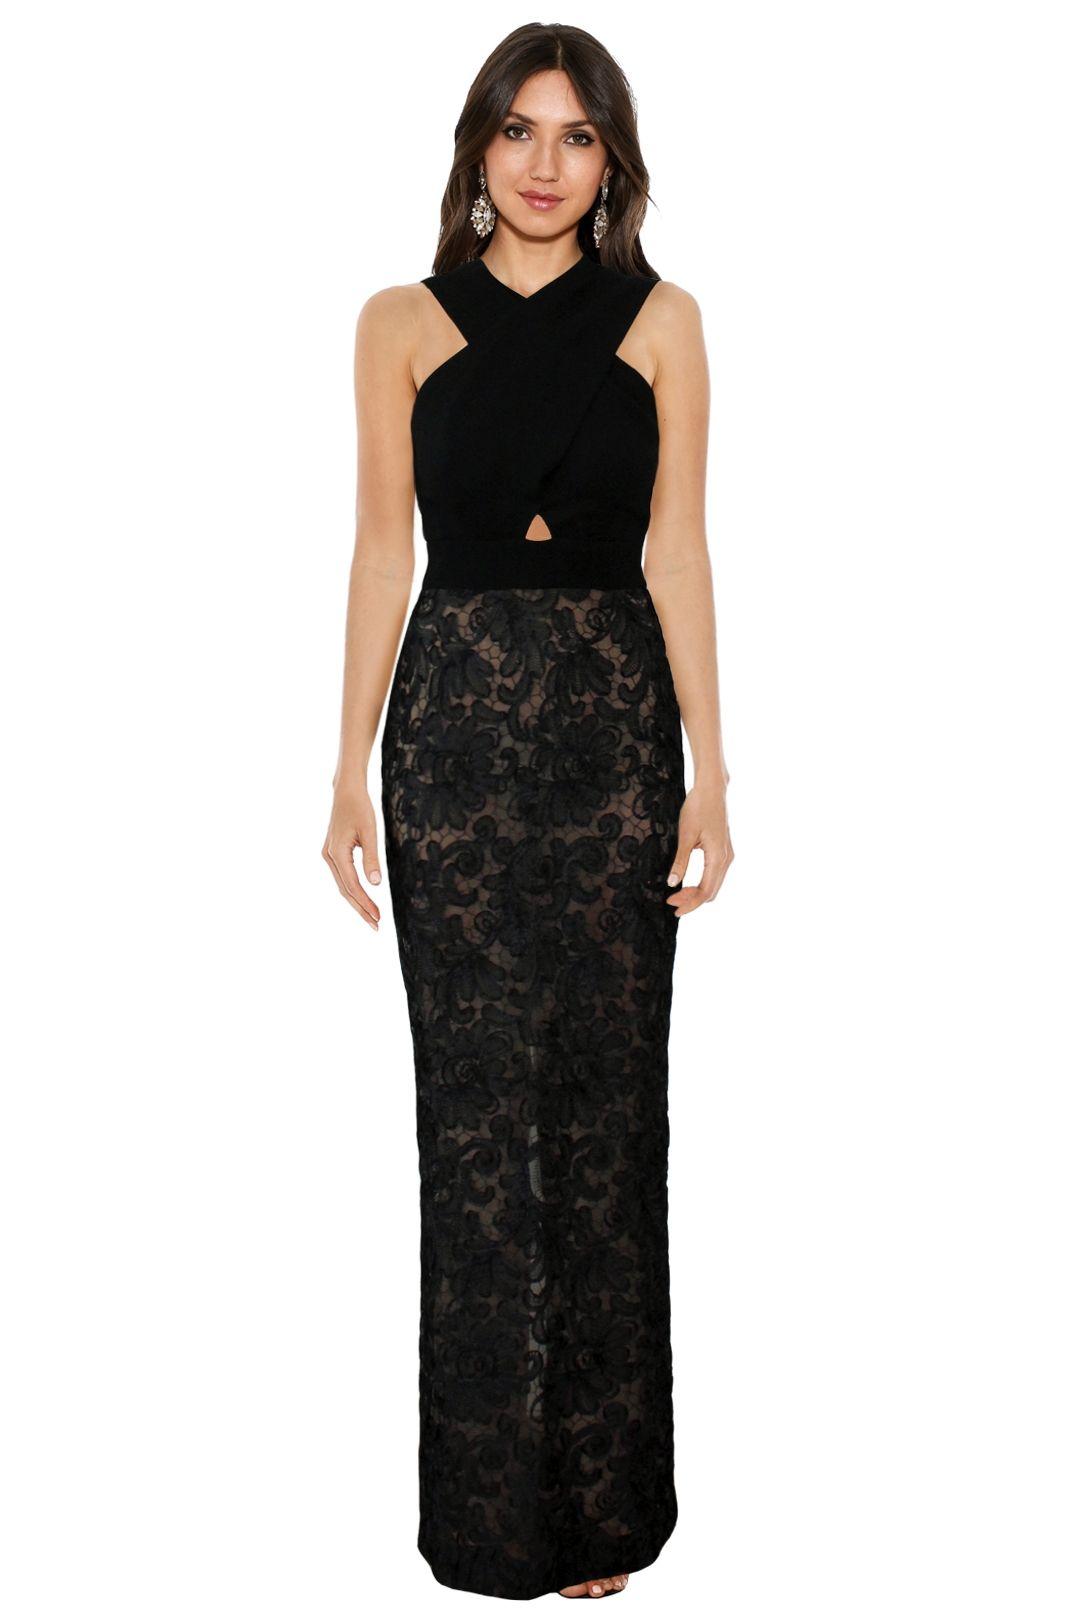 Carla Zampatti - Lace Gown In Black - Black - Front